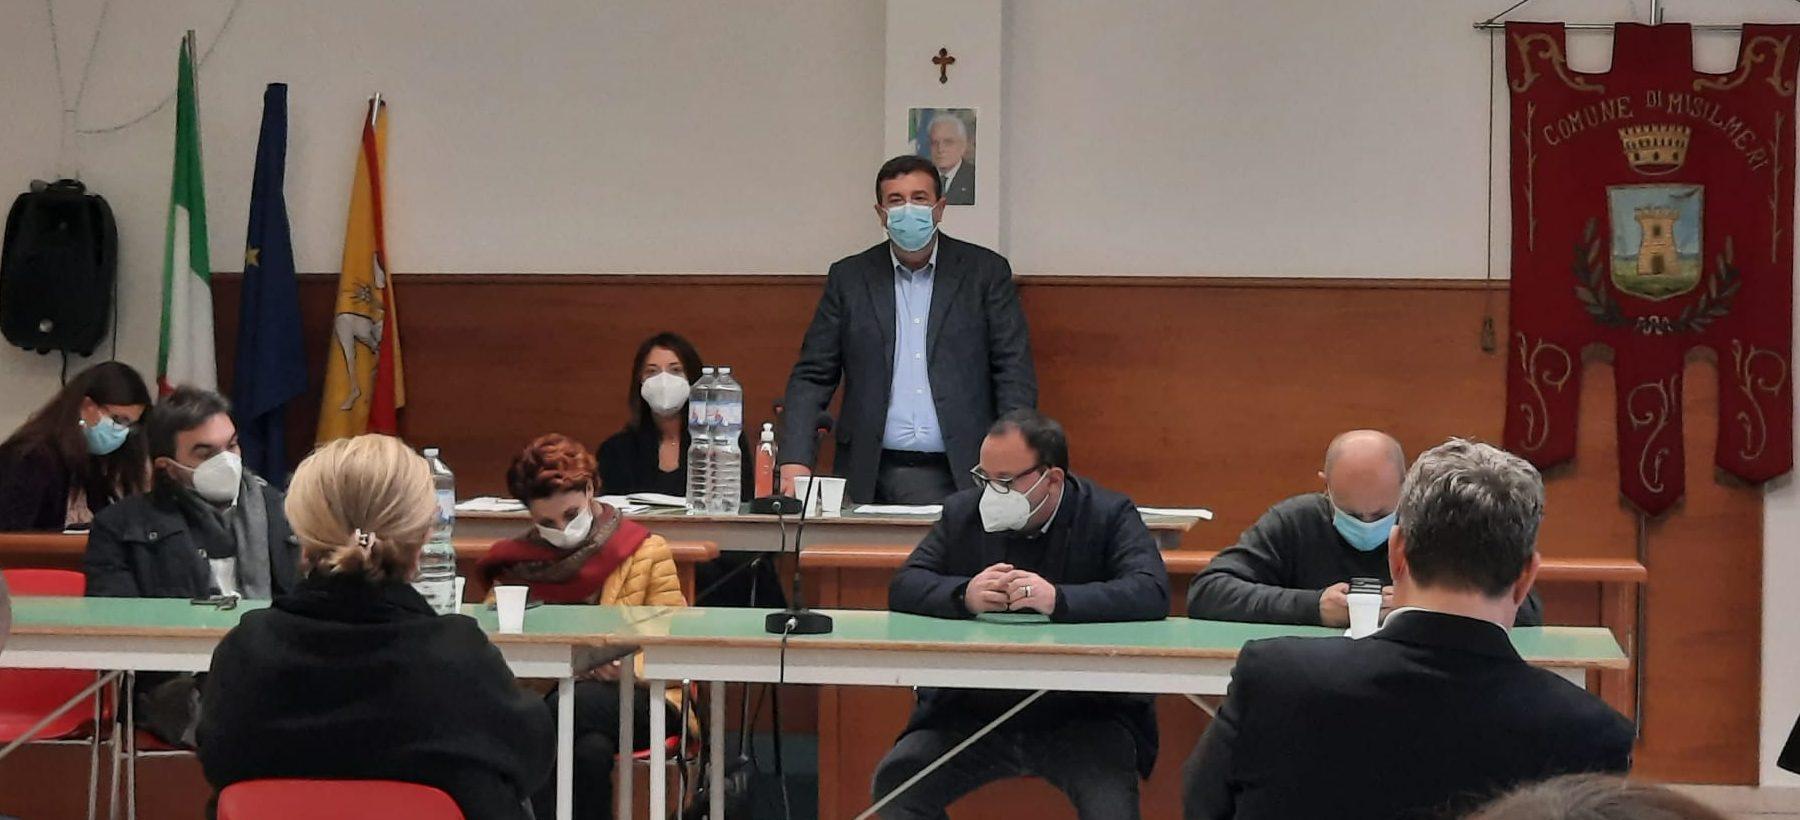 È Antonello Tubiolo il nuovo Presidente del Consiglio